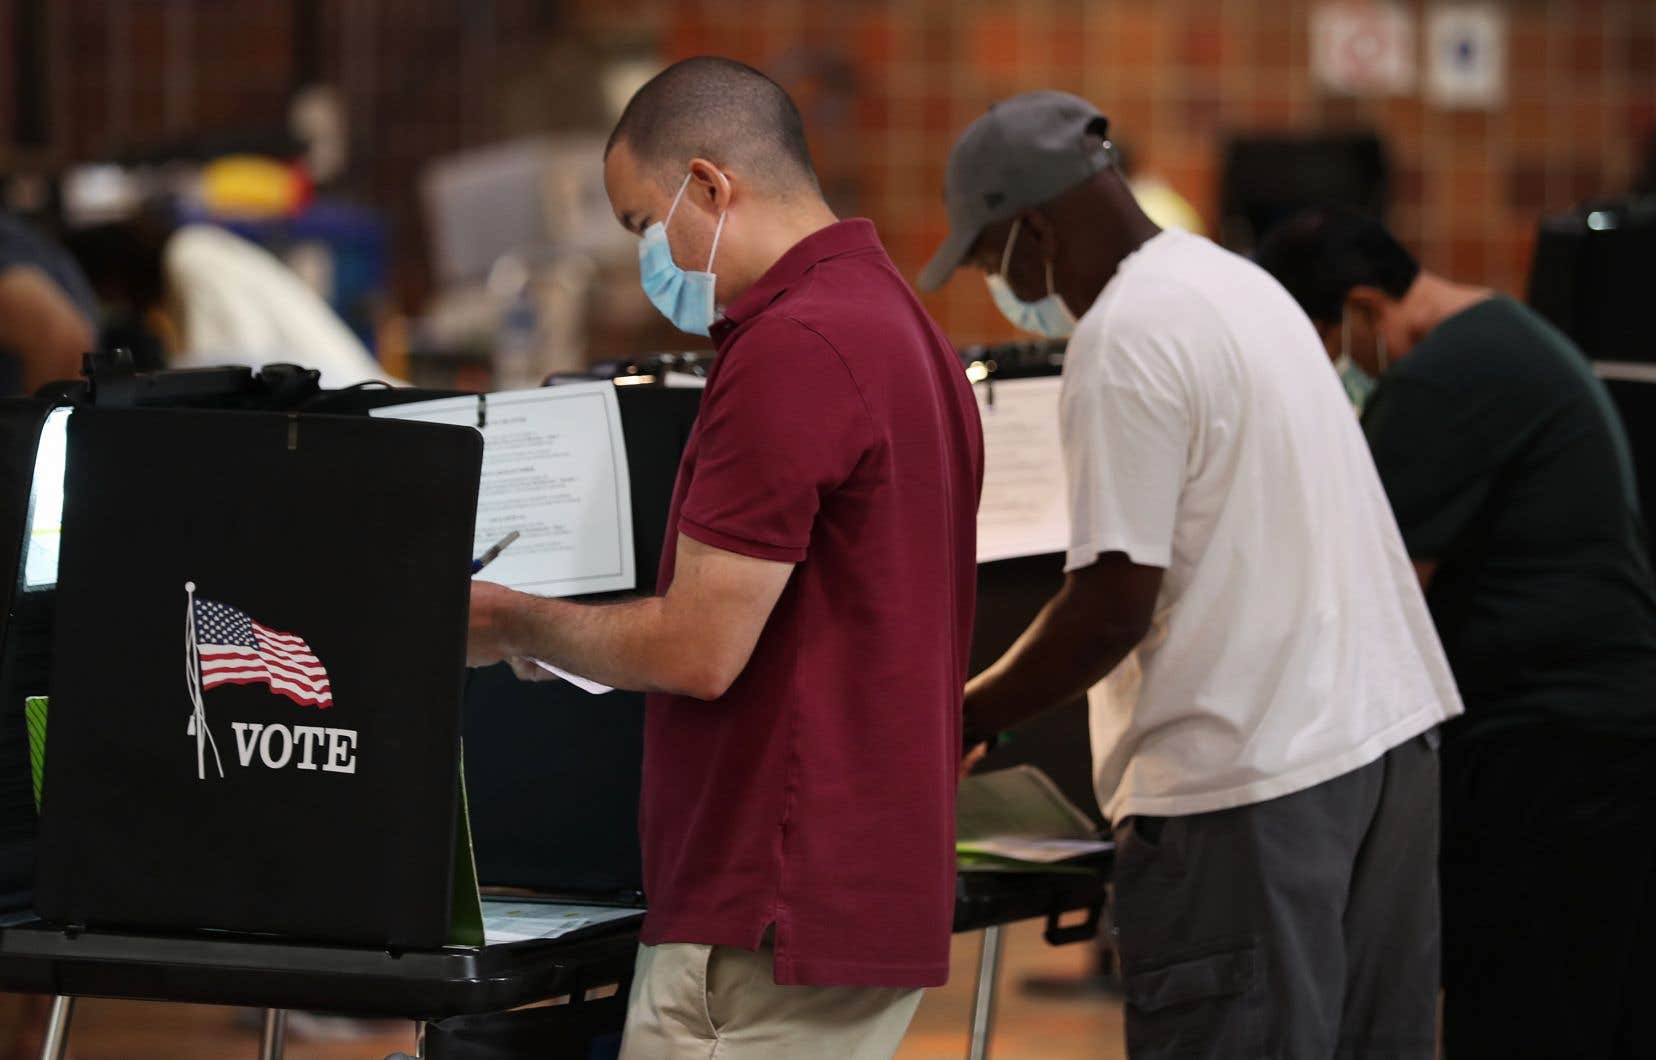 Le vote anticipé a débuté lundi en Floride, le plus grand des États clés de l'élection présidentielle.